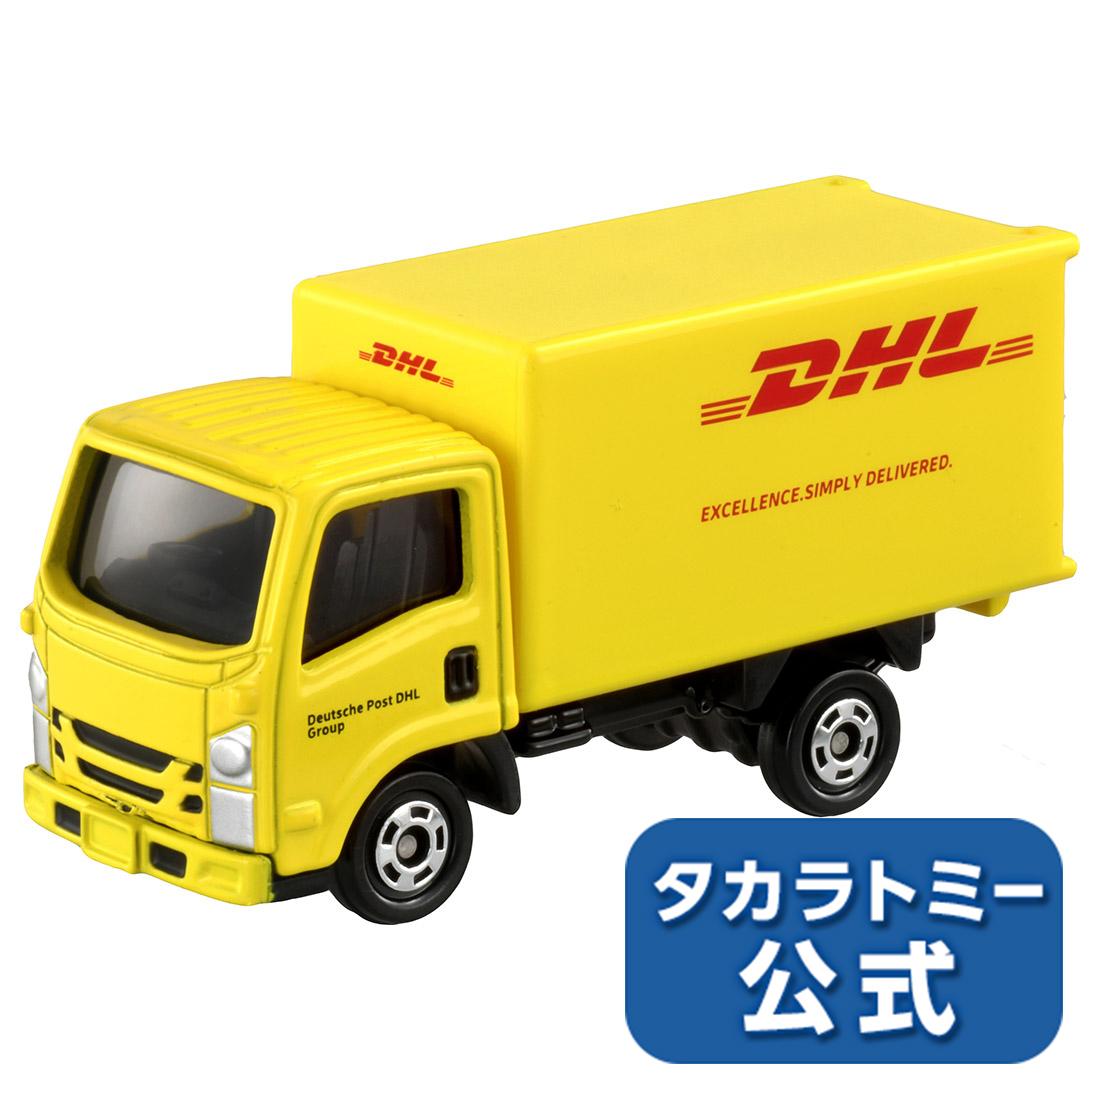 2020年10月17日発売タカラトミー公式店5500円以上購入で送料無料 海外輸入 トミカ No.109 割引 箱 DHLトラック